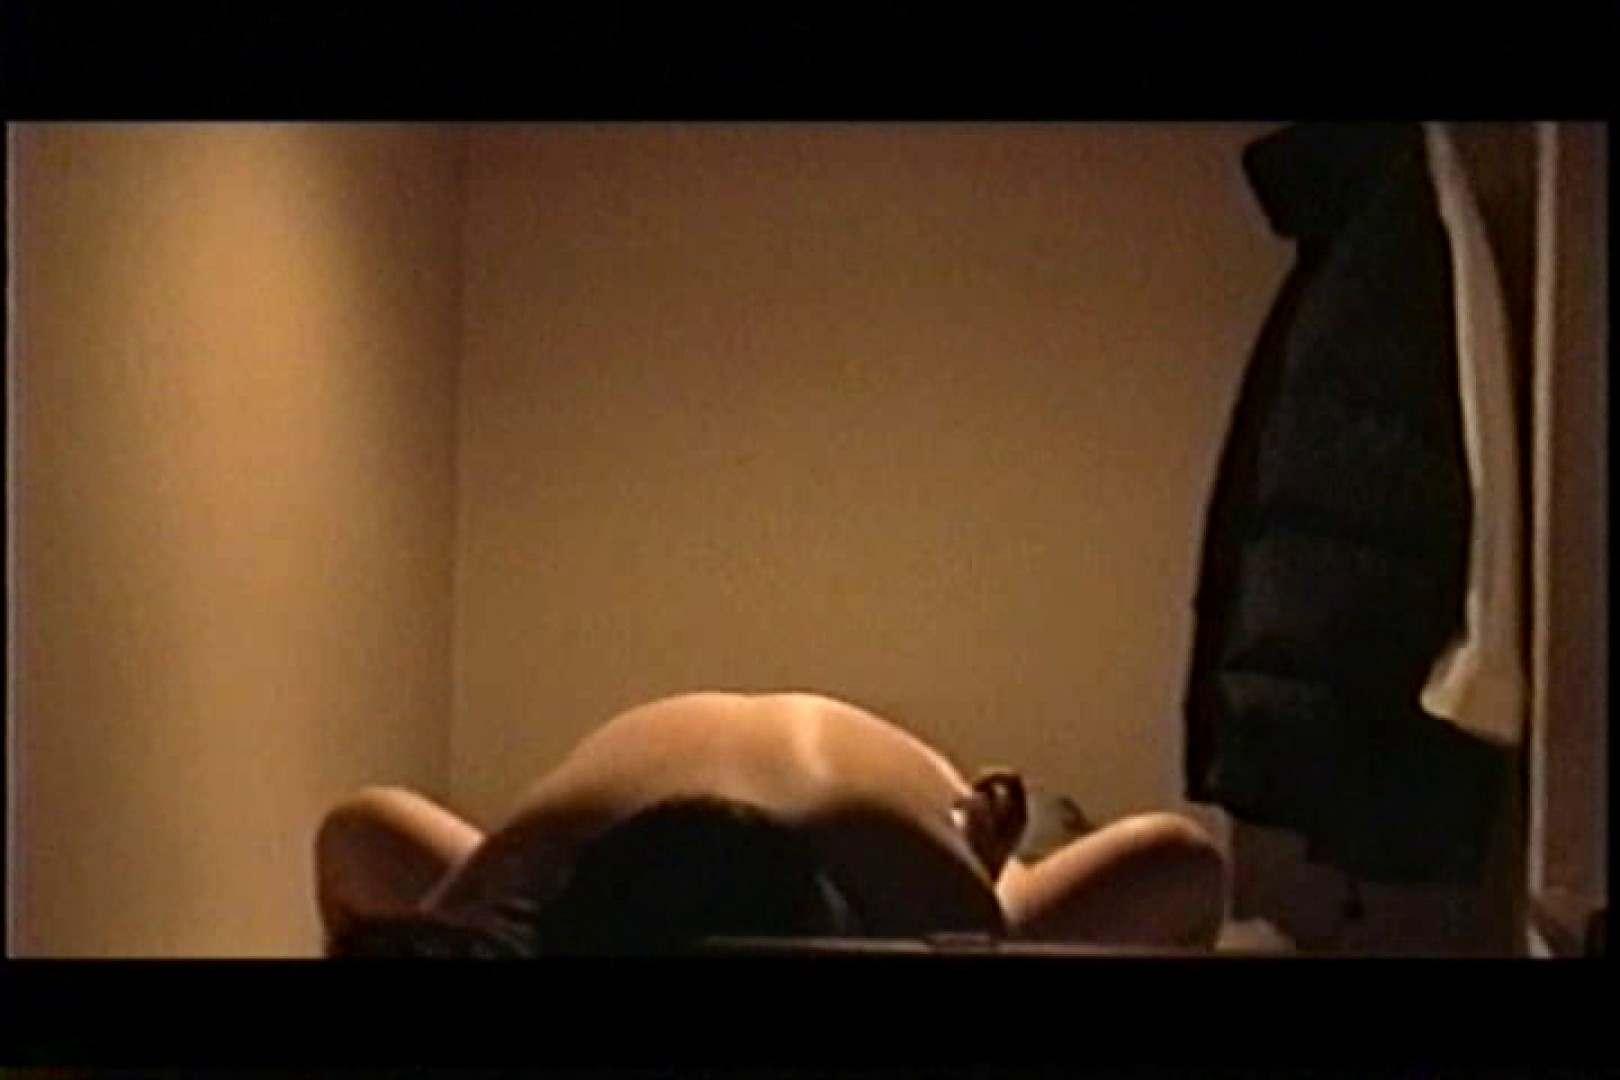 デリ嬢マル秘撮り本物投稿版② 投稿 えろ無修正画像 95pic 56